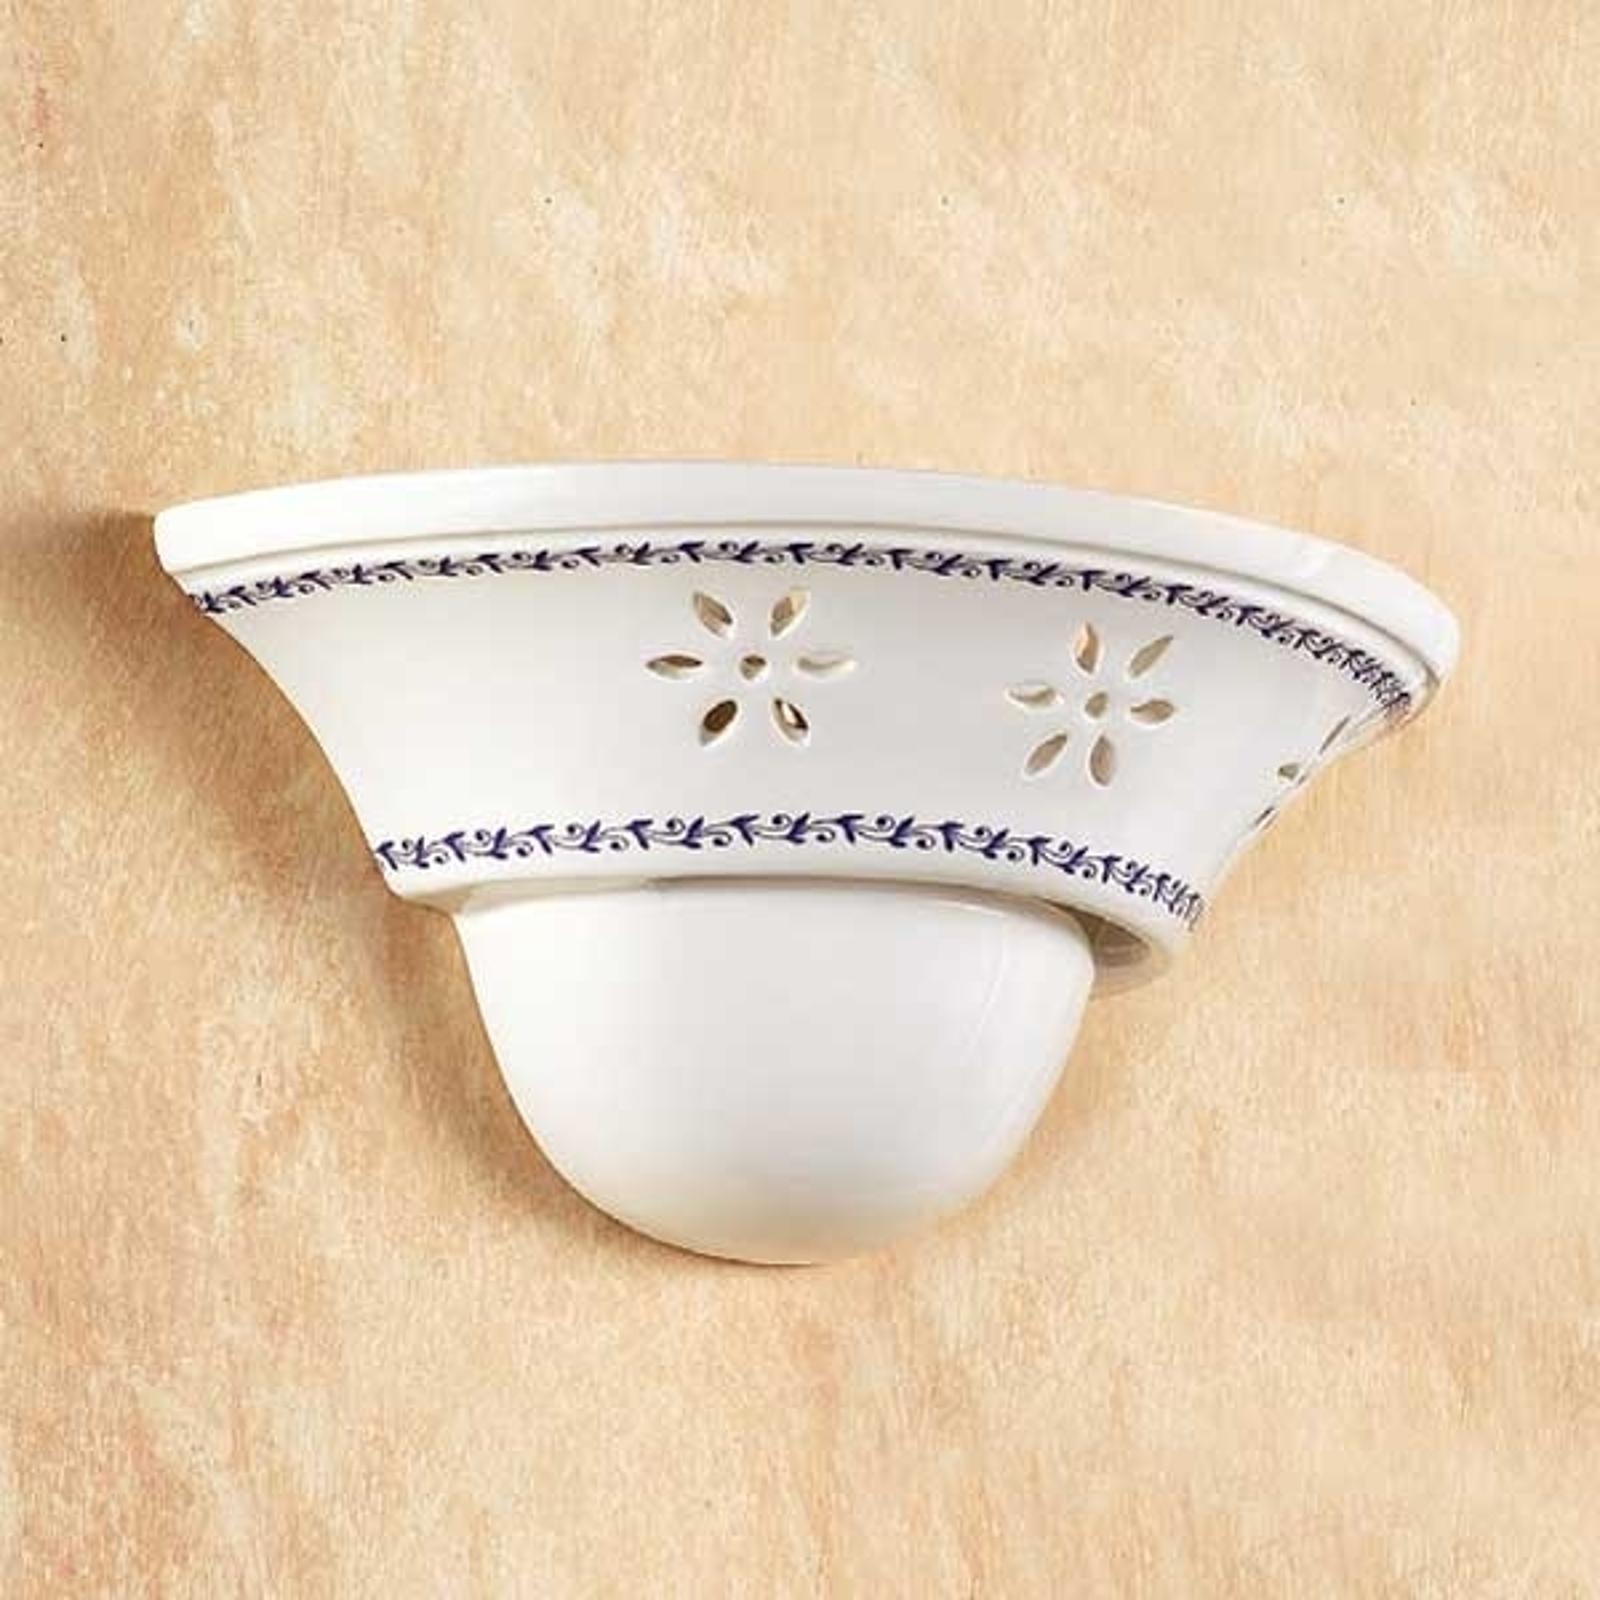 Nástěnné světlo Il Punti s keramickou miskou